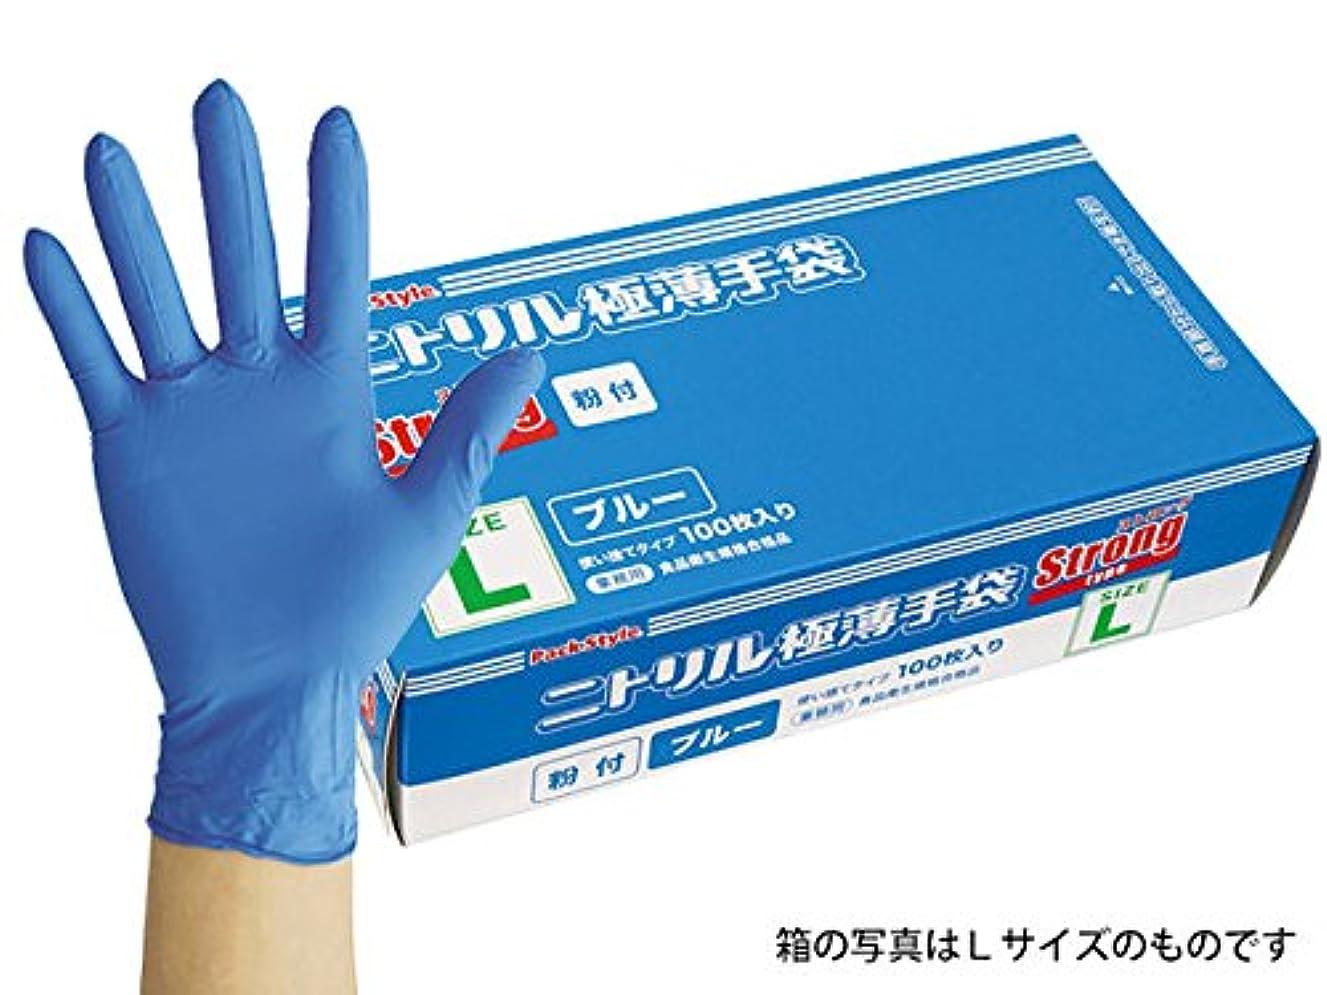 湿度難しい専制パックスタイル 業務用 使い捨て ニトリル手袋 ストロング 青?粉付 S 2000枚 00535796